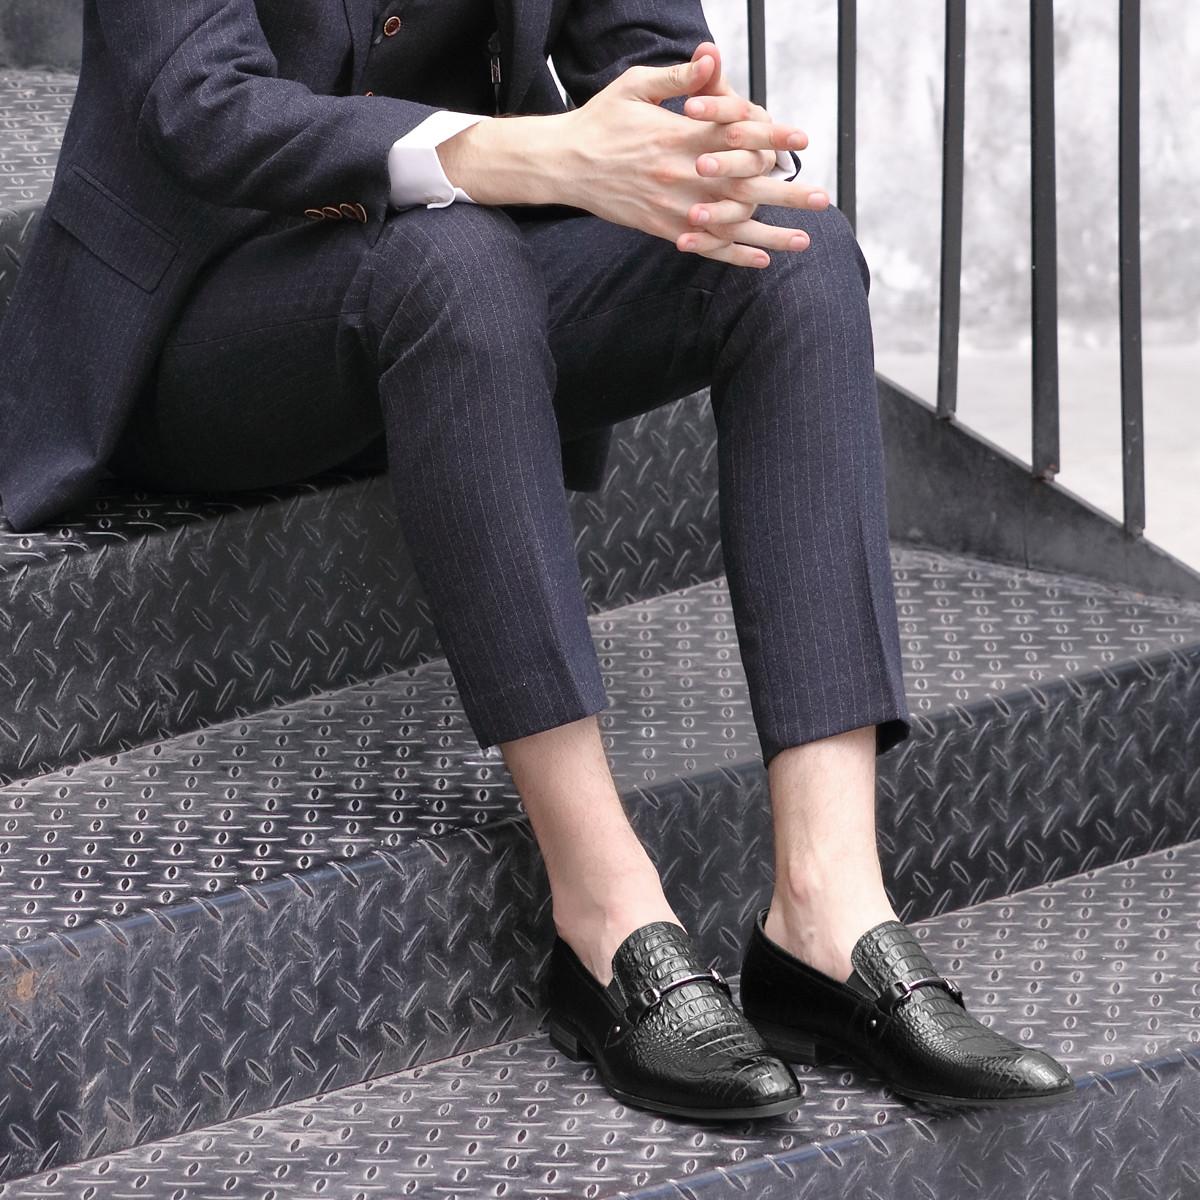 凯撒大帝【头层牛皮】男士商务皮鞋时尚经典舒适金属扣套脚百搭商务男鞋MD609922180